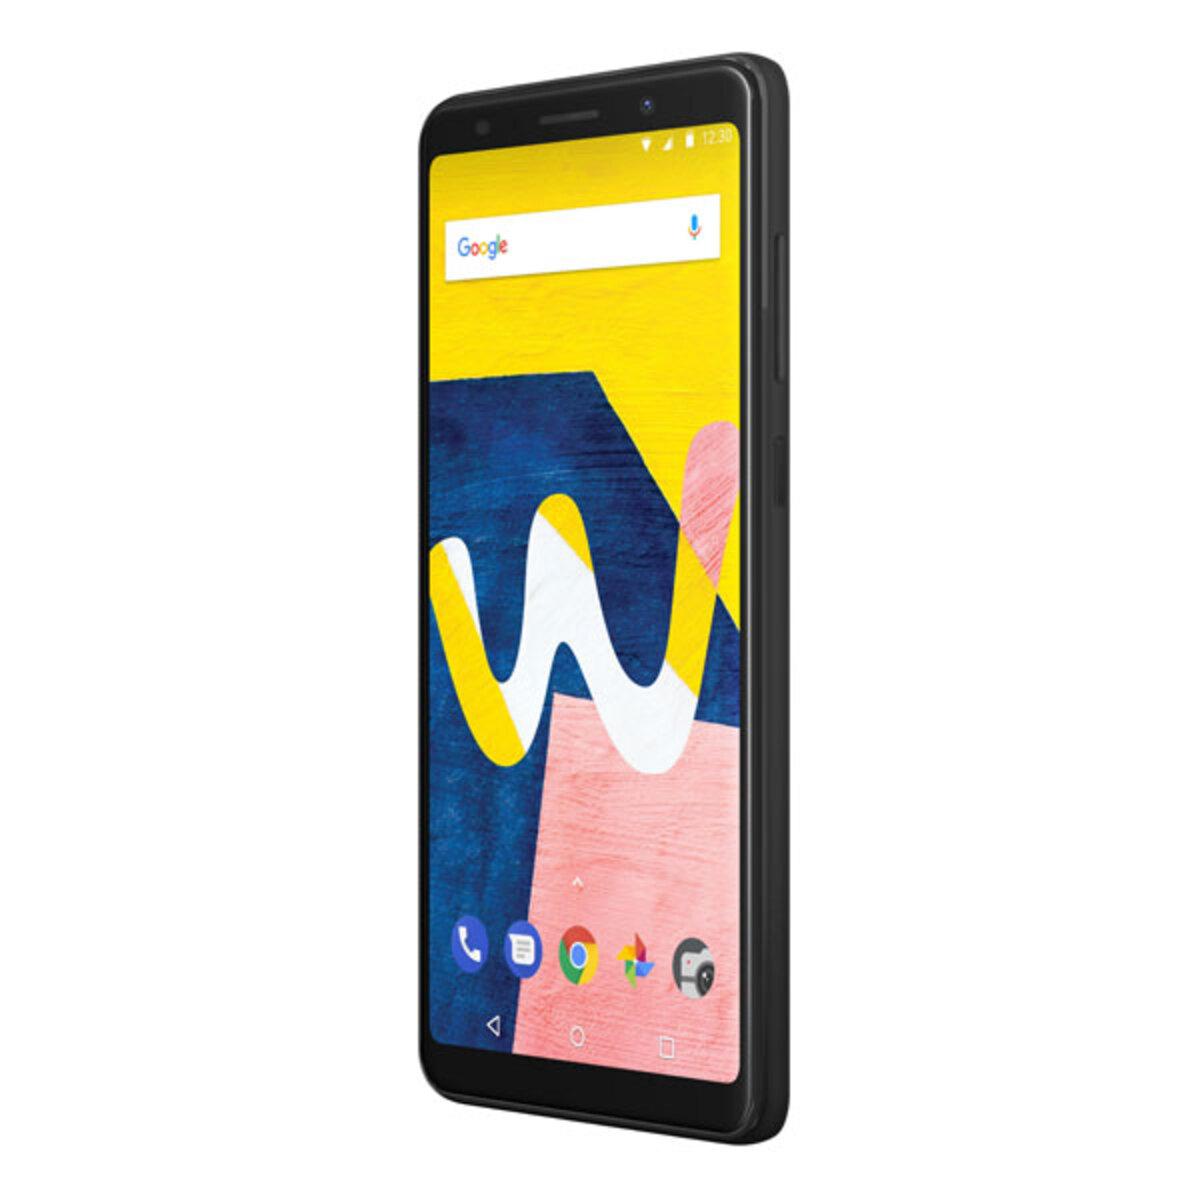 Bild 1 von Wiko View Lite 13,8cm (5,45 Zoll), 2GB, 16GB, 13MP, Android 8.1, Farbe: Anthrazit